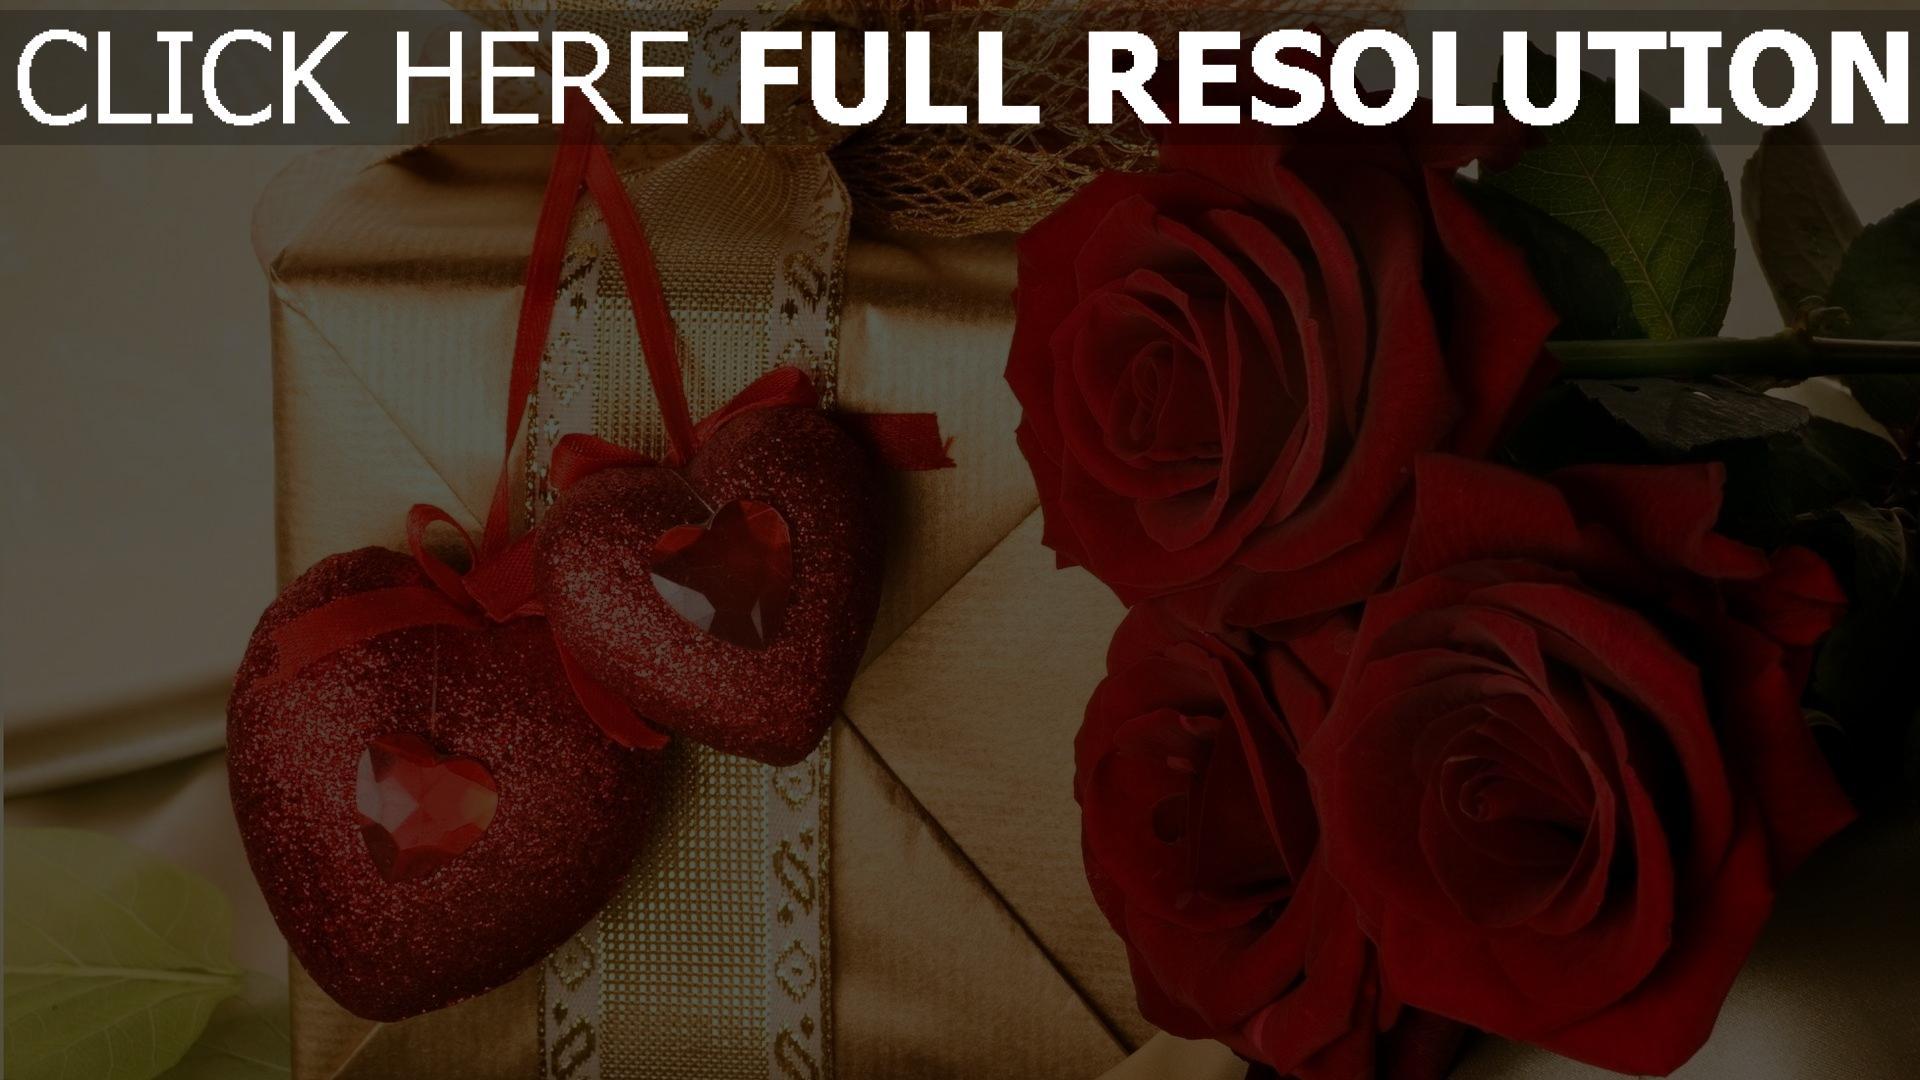 hd hintergrundbilder valentinstag herz rosen geschenk 1920x1080